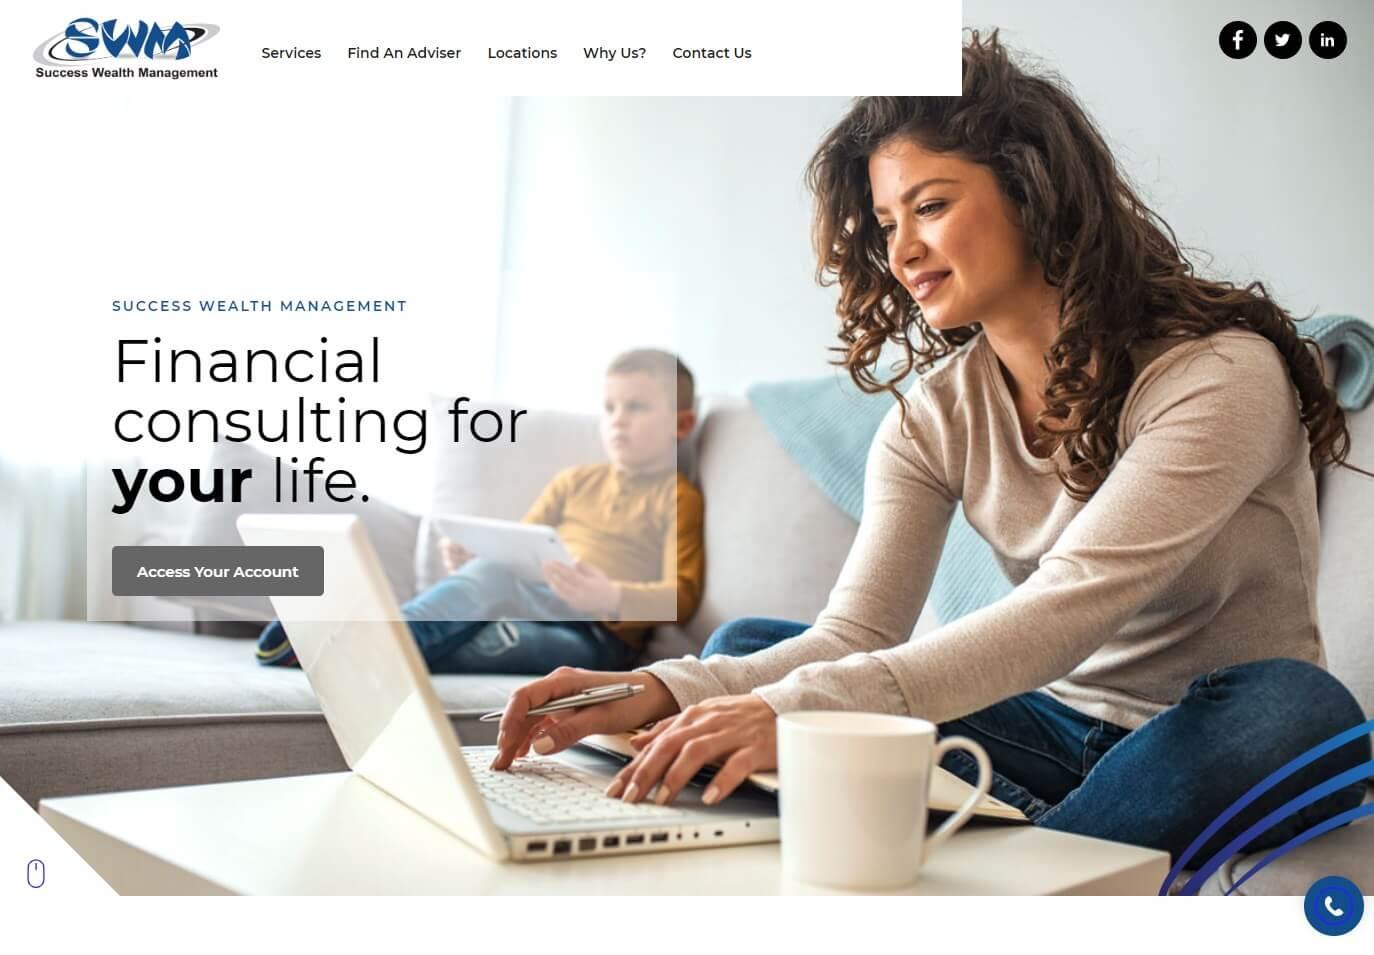 Success Wealth Management website screenshot